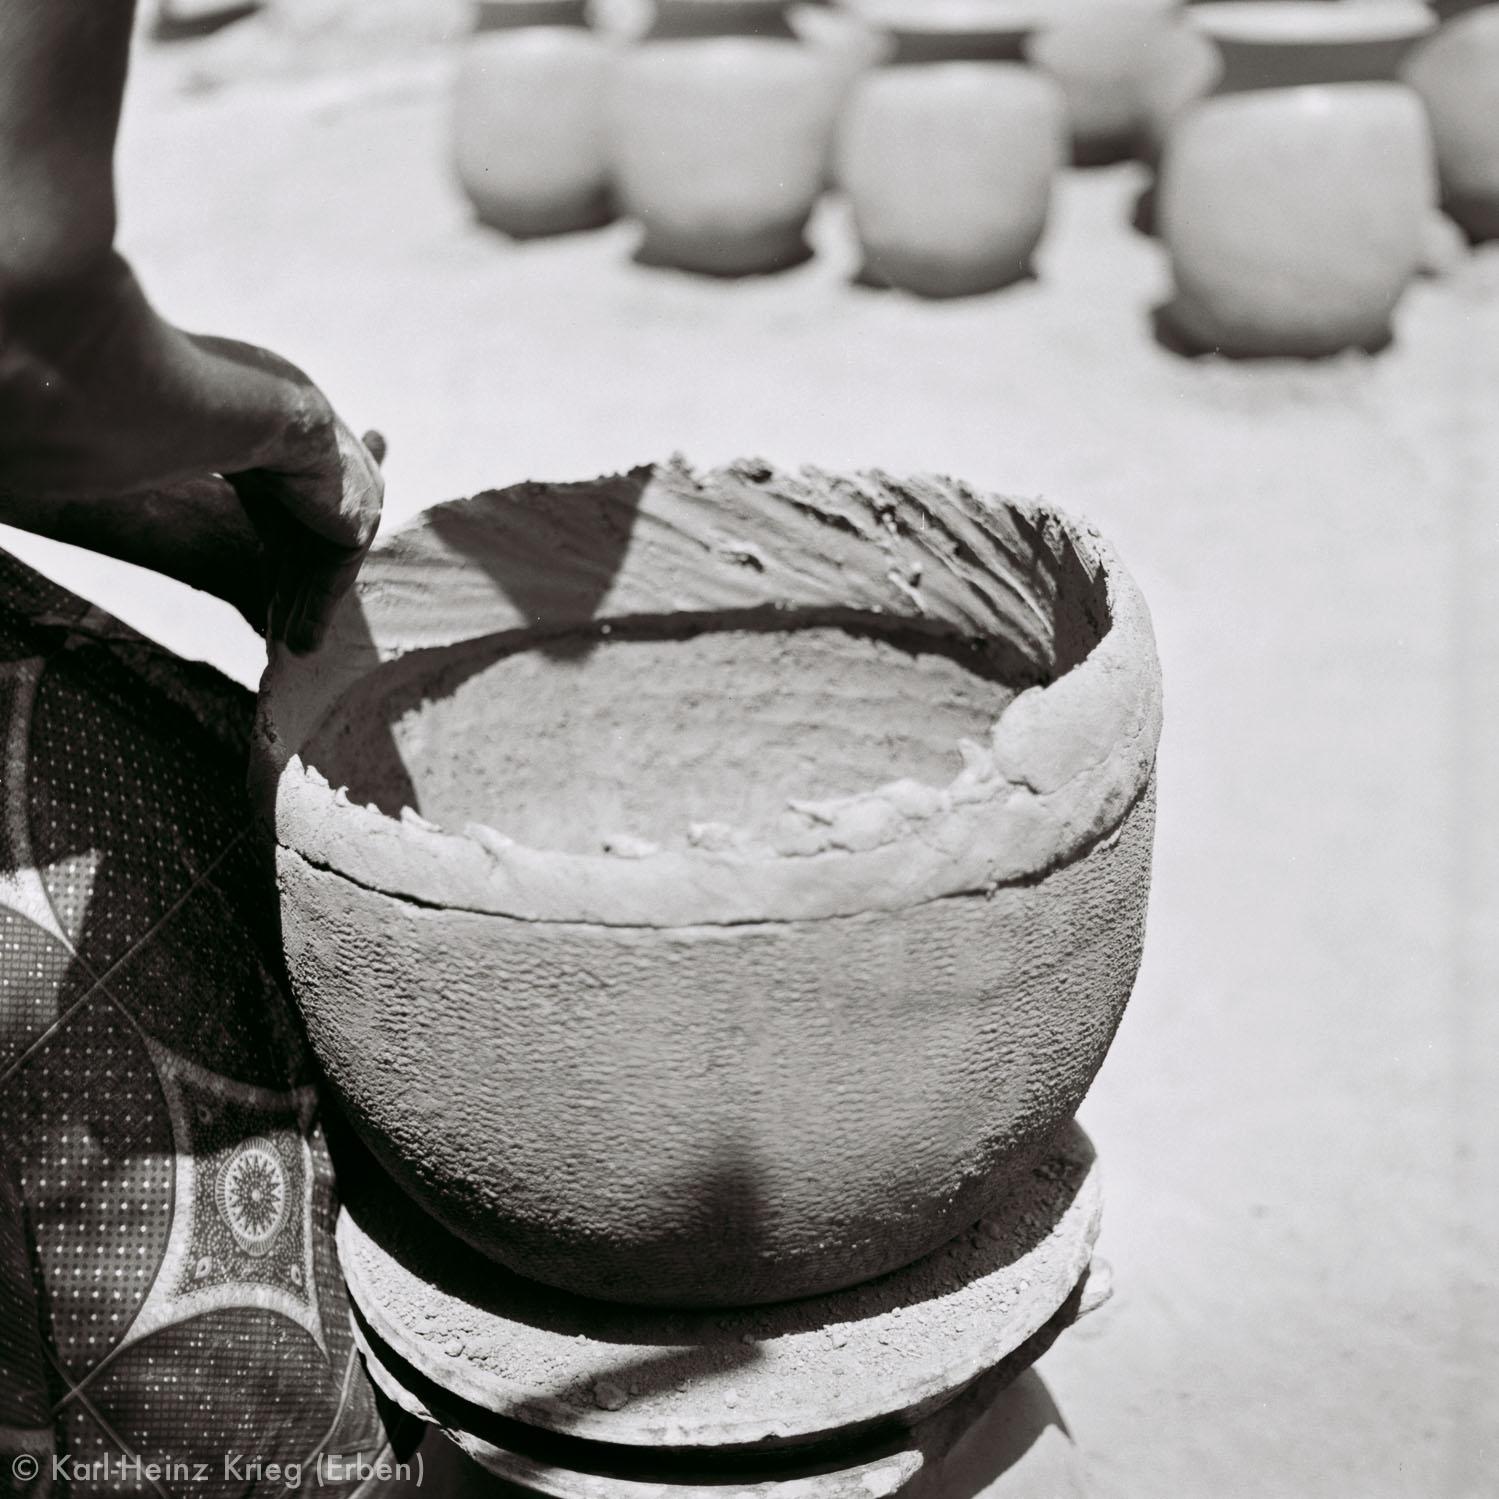 Numu -Töpferin setzt frischen Ton auf den Gefäßrand. Foto: Karl-Heinz Krieg, Gbon (Region von Boundiali, Côte d'Ivoire), 1965